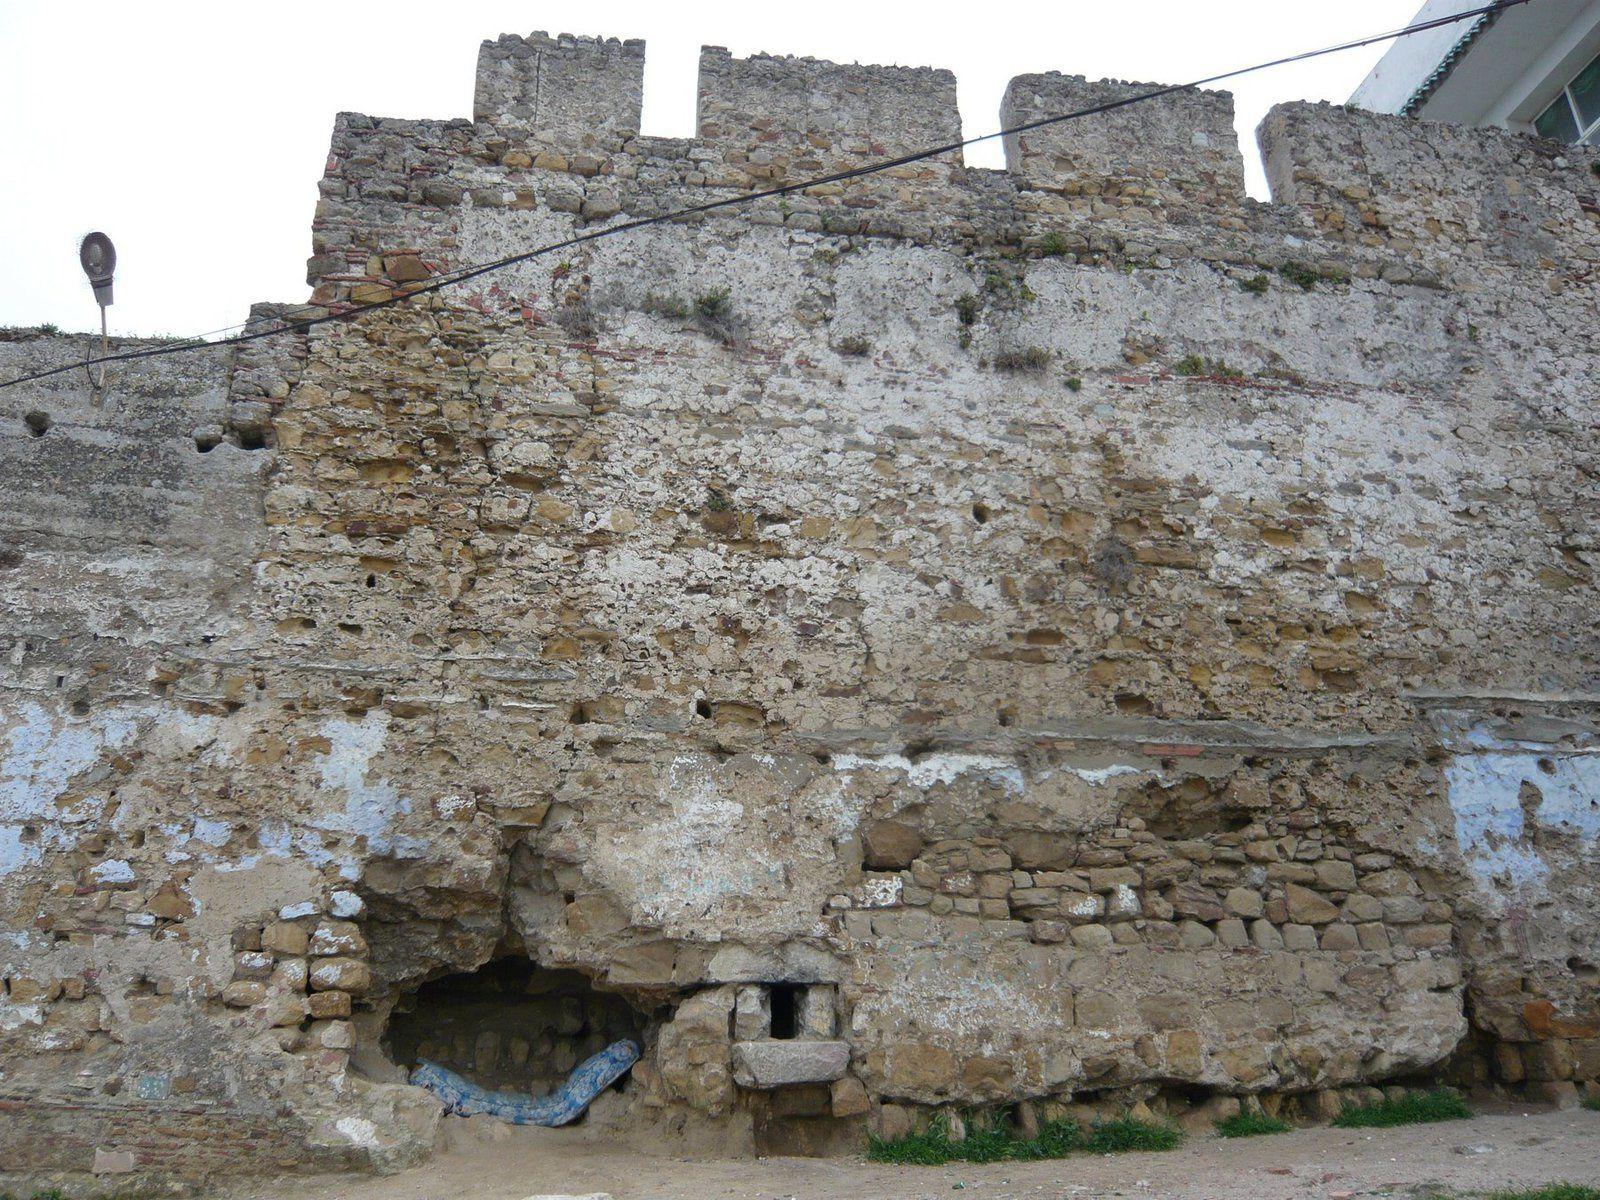 Le trou dans la muraille